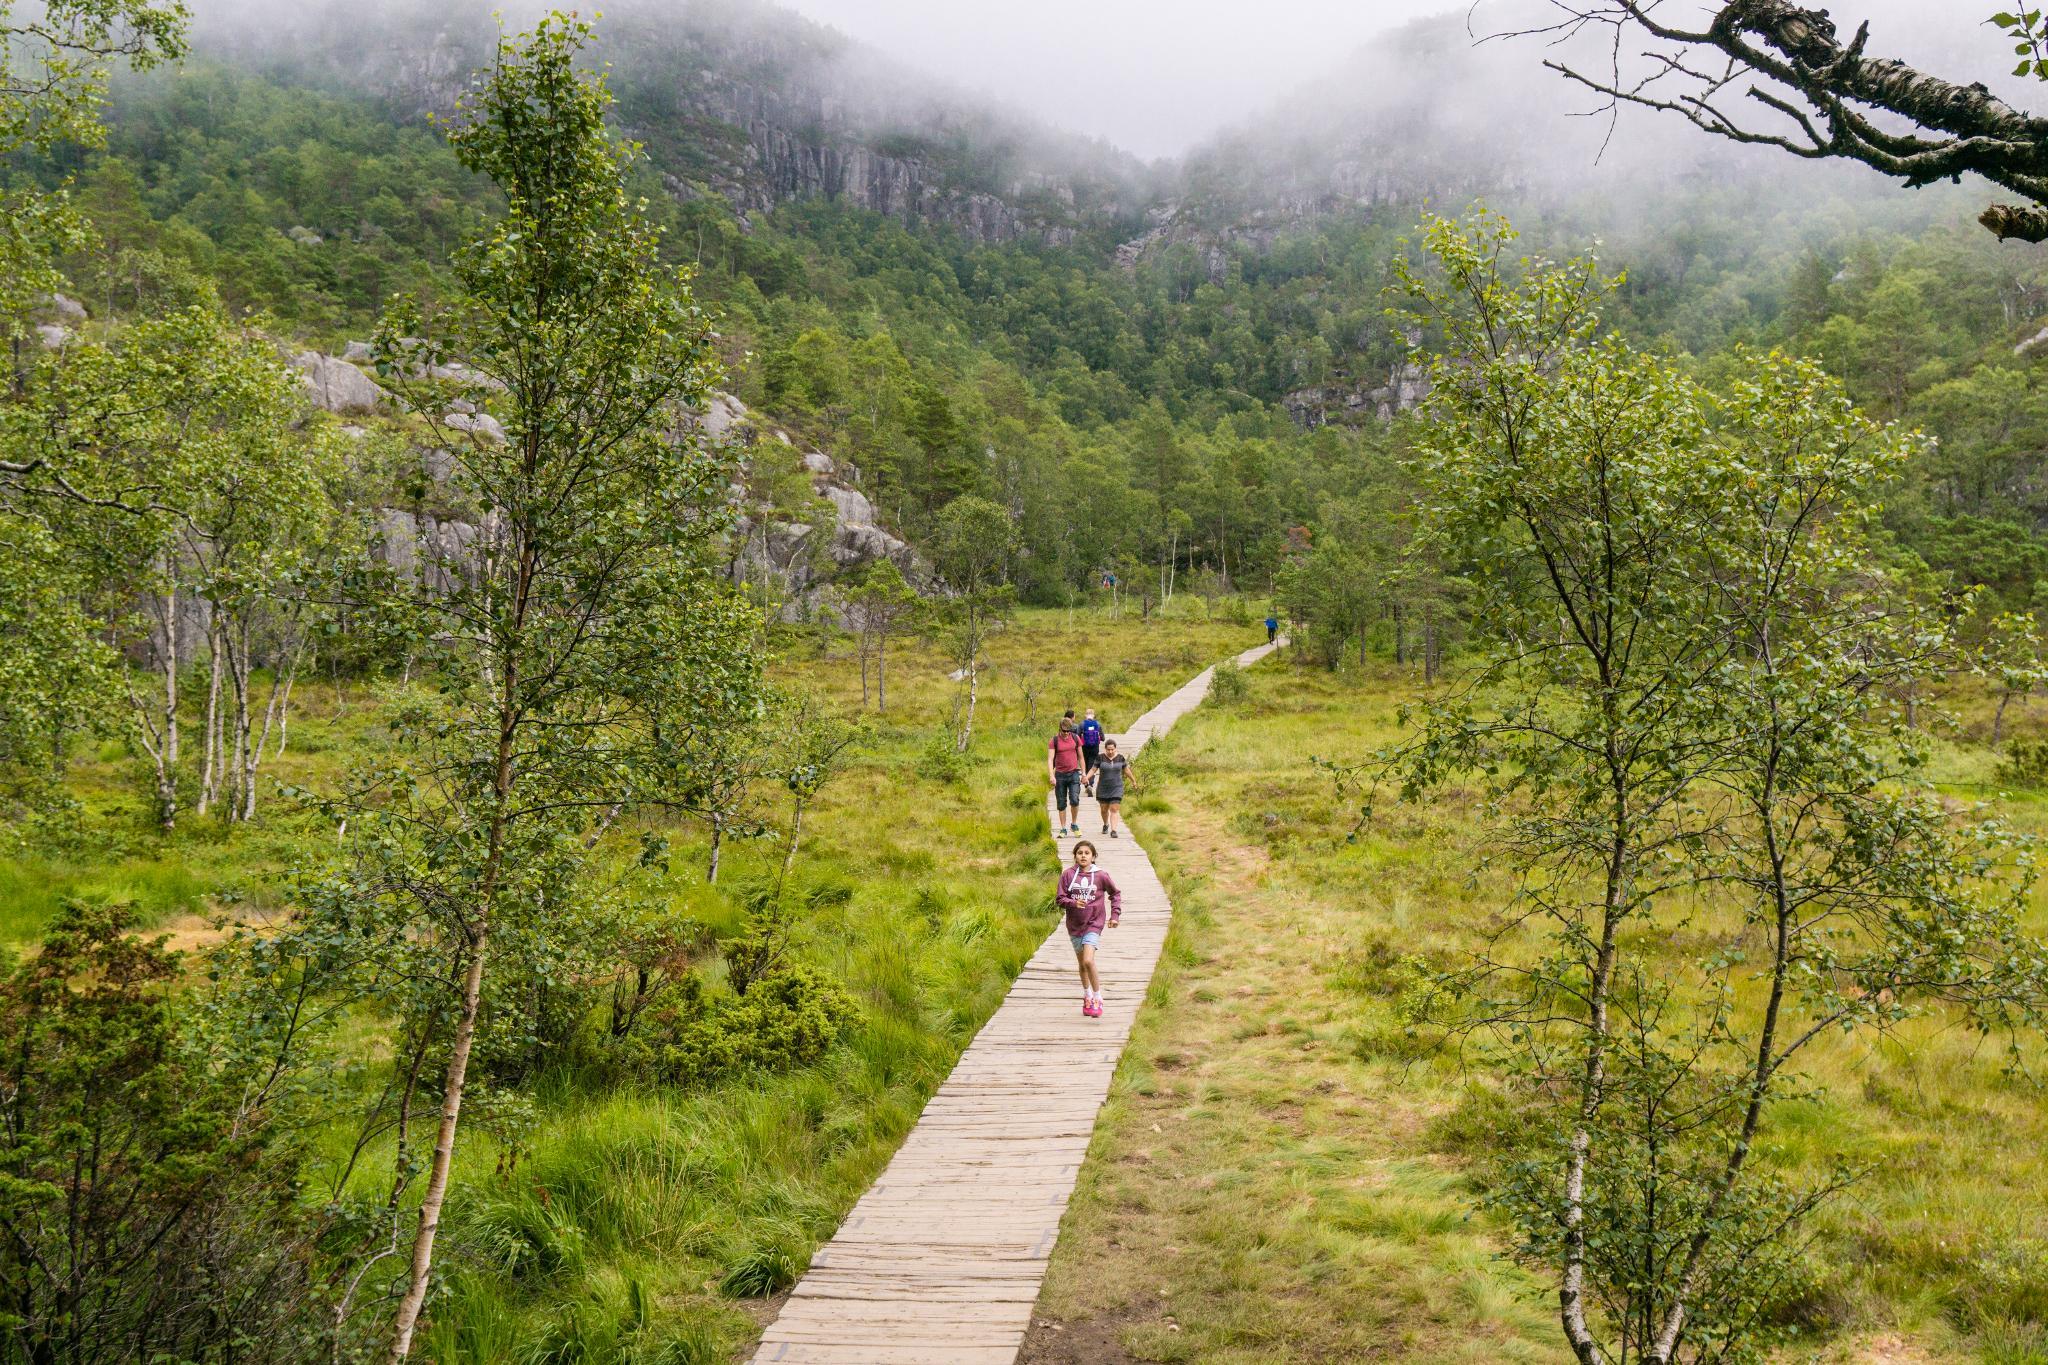 【北歐景點】朝聖挪威三大奇岩:聖壇岩Preikestolen健行紀錄 10